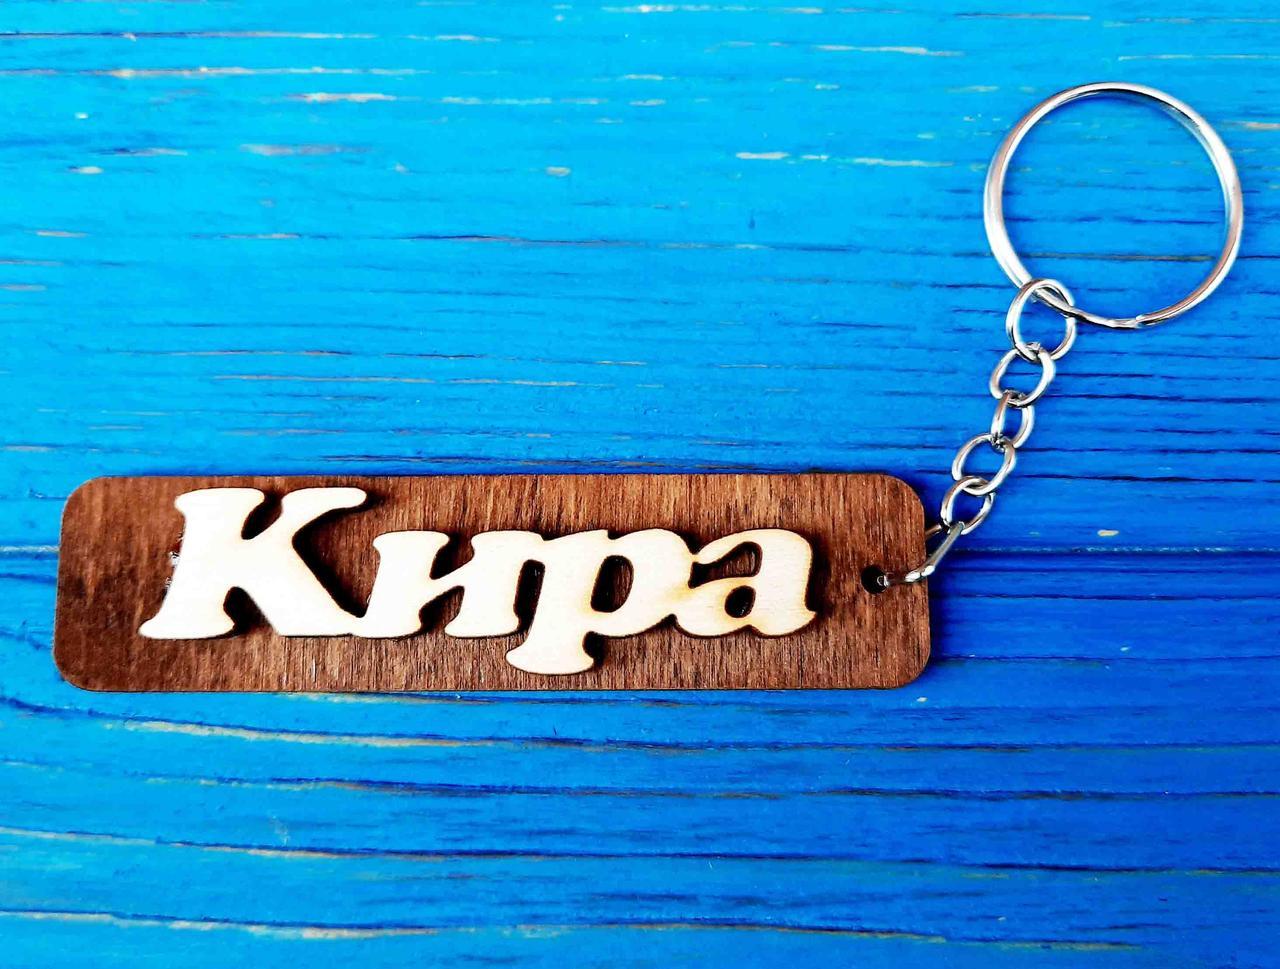 Брелок іменний Кіра. Брелок з ім'ям Кіра. Брелок дерев'яний. Брелок для ключів. Брелоки з іменами